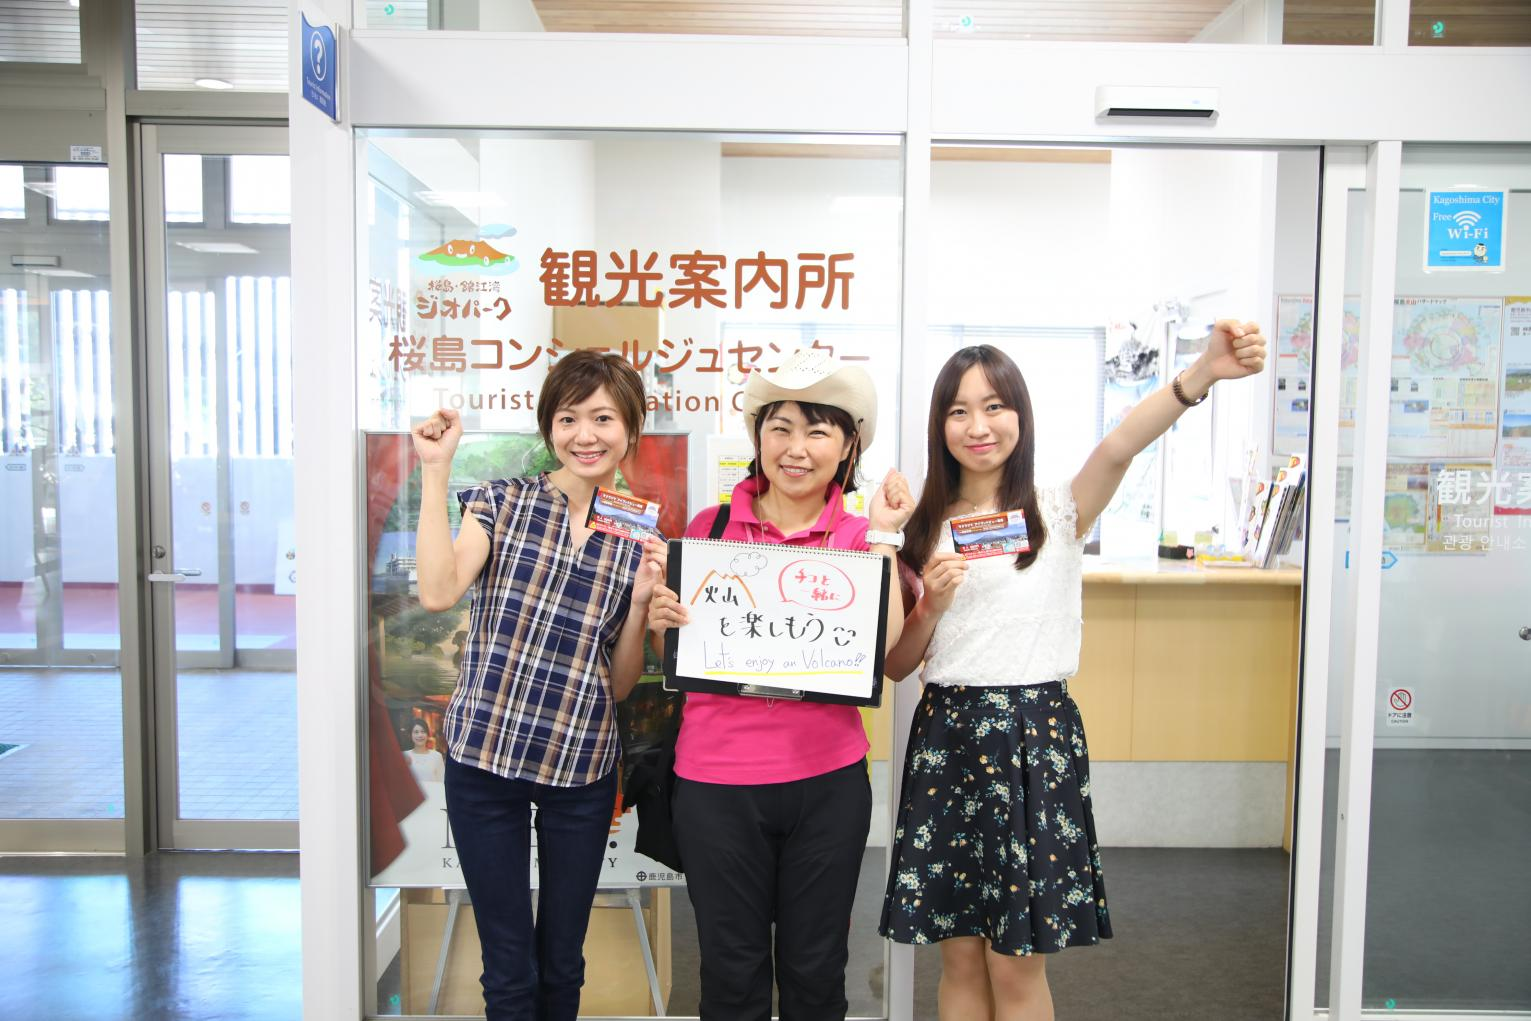 桜島ジオサルク ガイドと行く!ジオ満喫コース-3